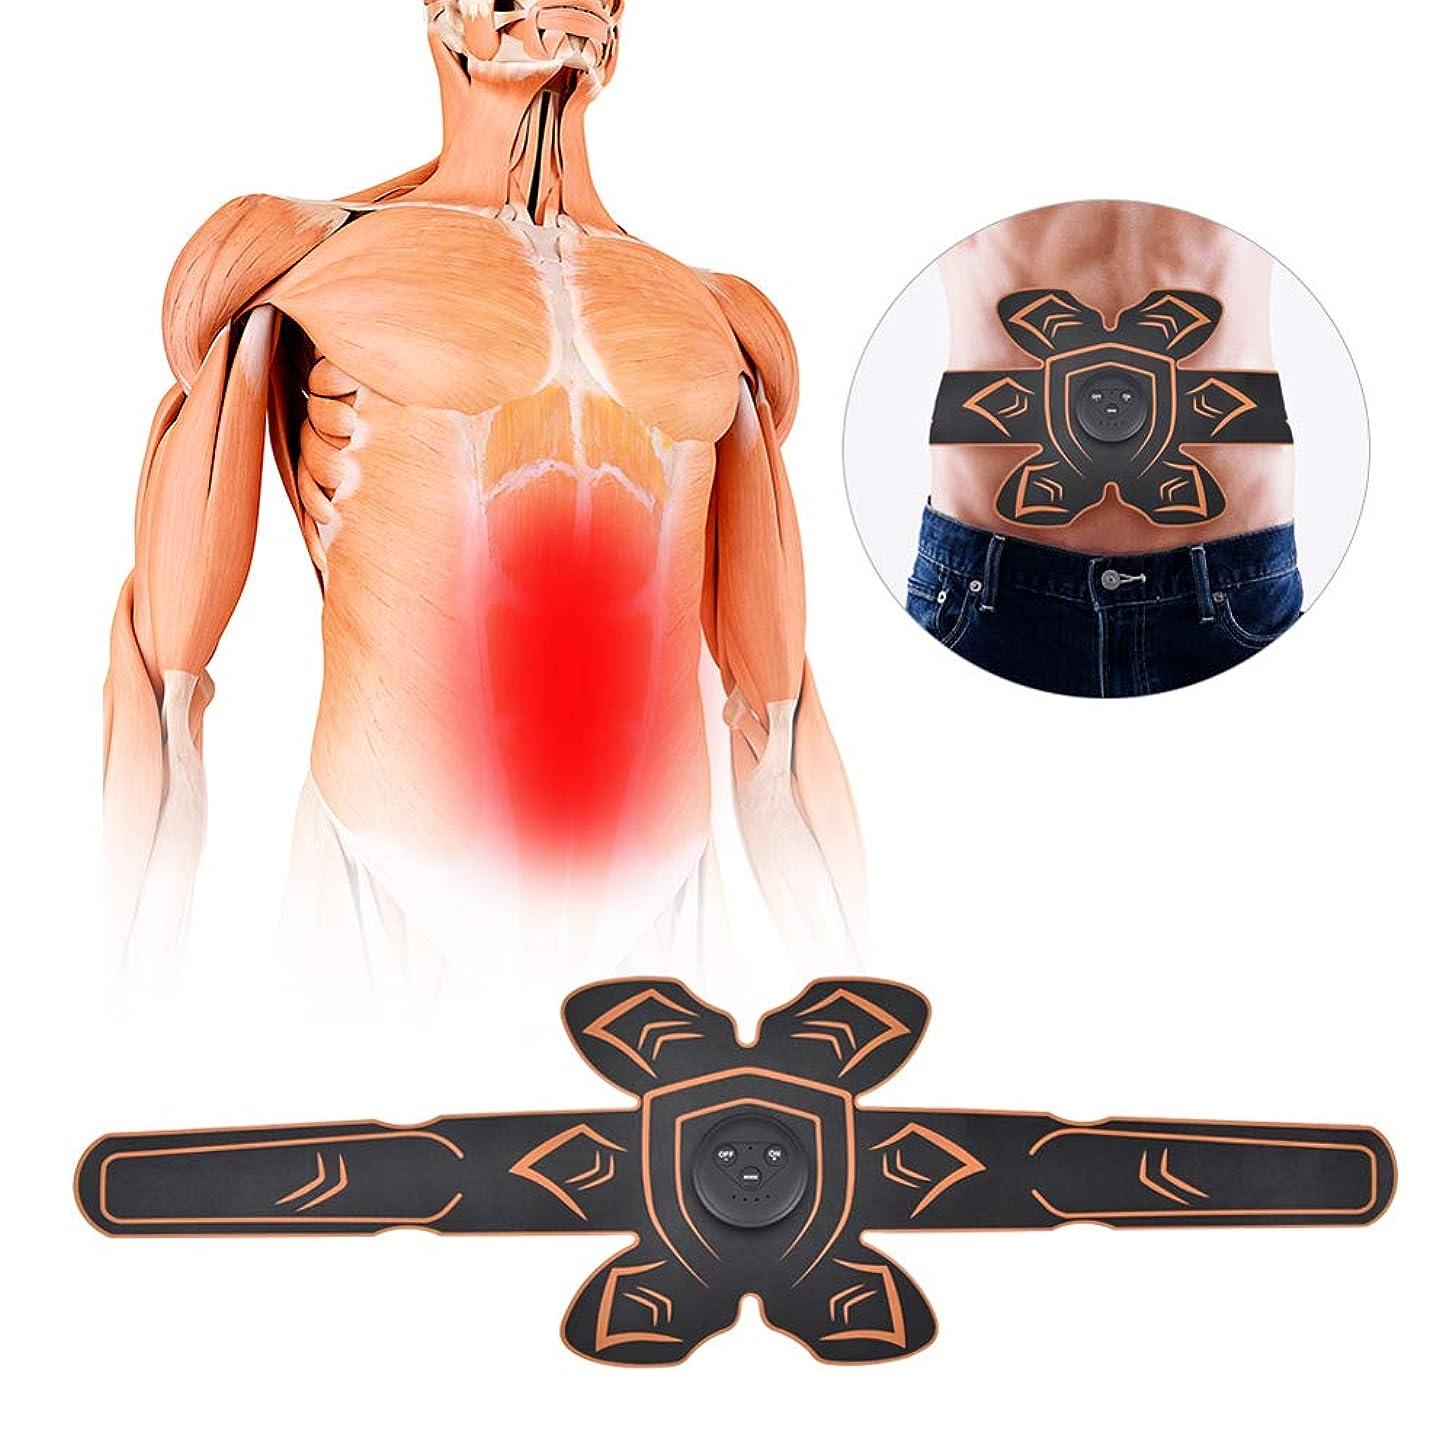 犯すアーク腹部刺激装置、EMS男性および女性の腹部調整ストラップ、腕と脚のトレーナー、オフィス、ホームジムのフィットネス機器